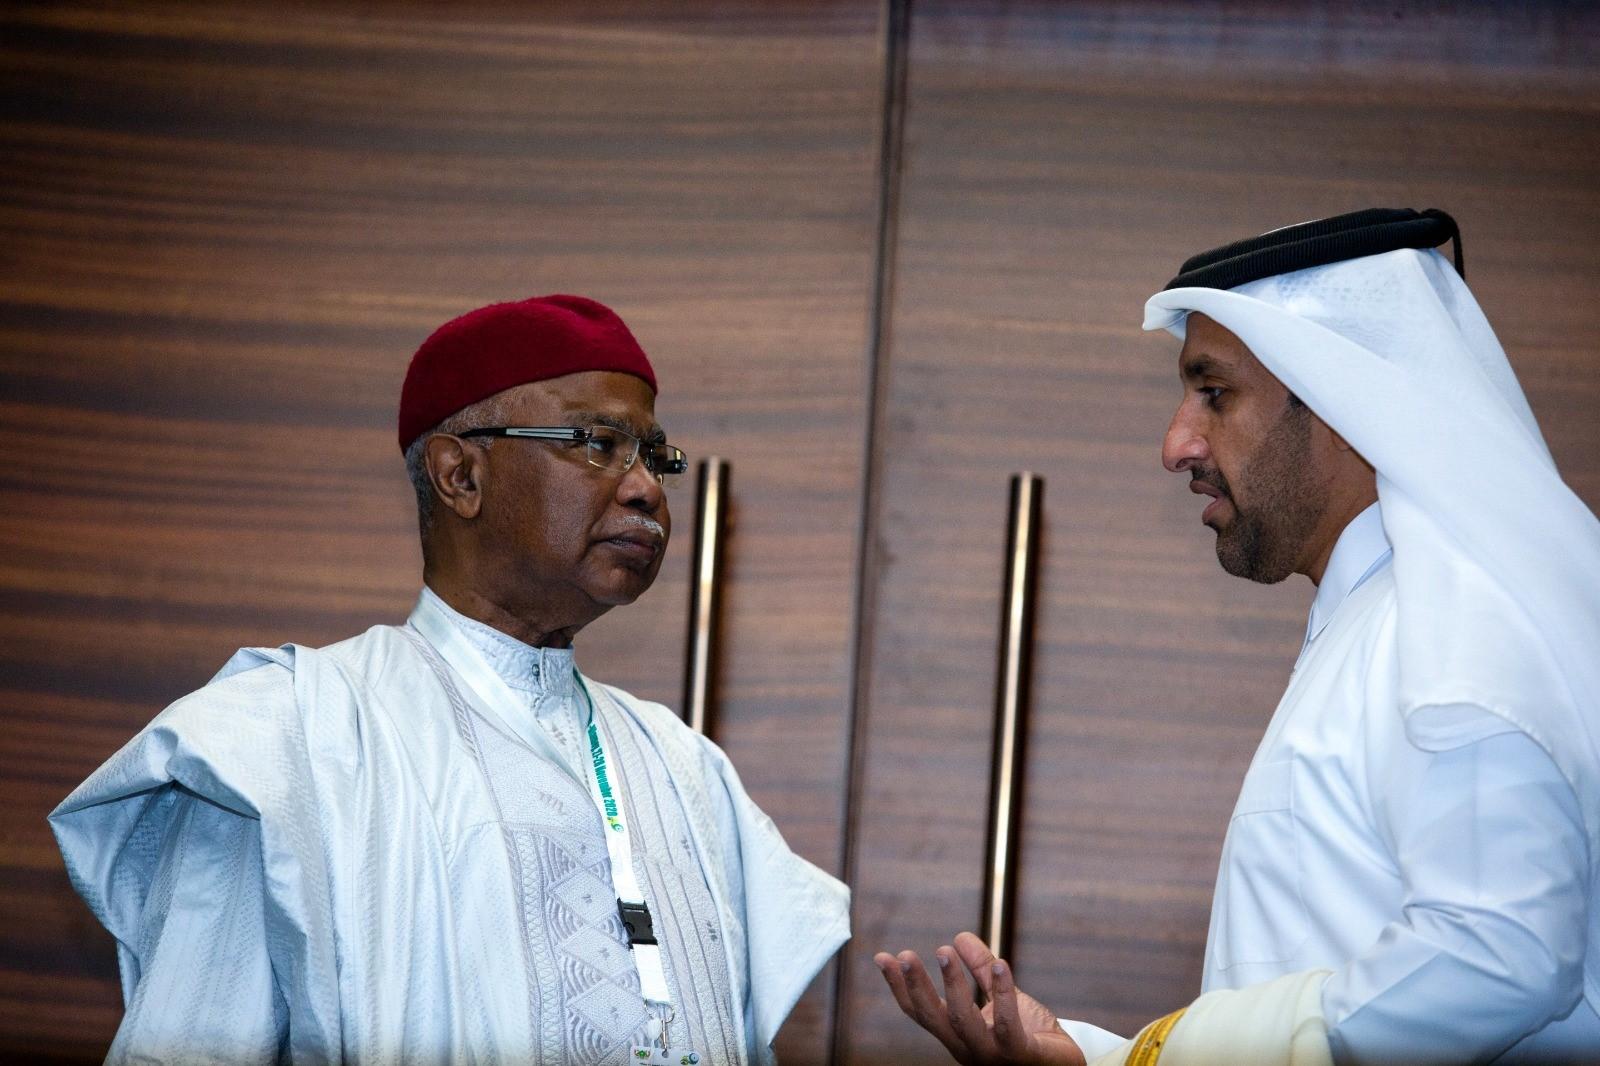 مدير إدارة المنظمات الدولية بوزارة الخارجية يجتمع مع مسؤولين على هامش اجتماع وزراء خارجية منظمة التعاون الإسلامي